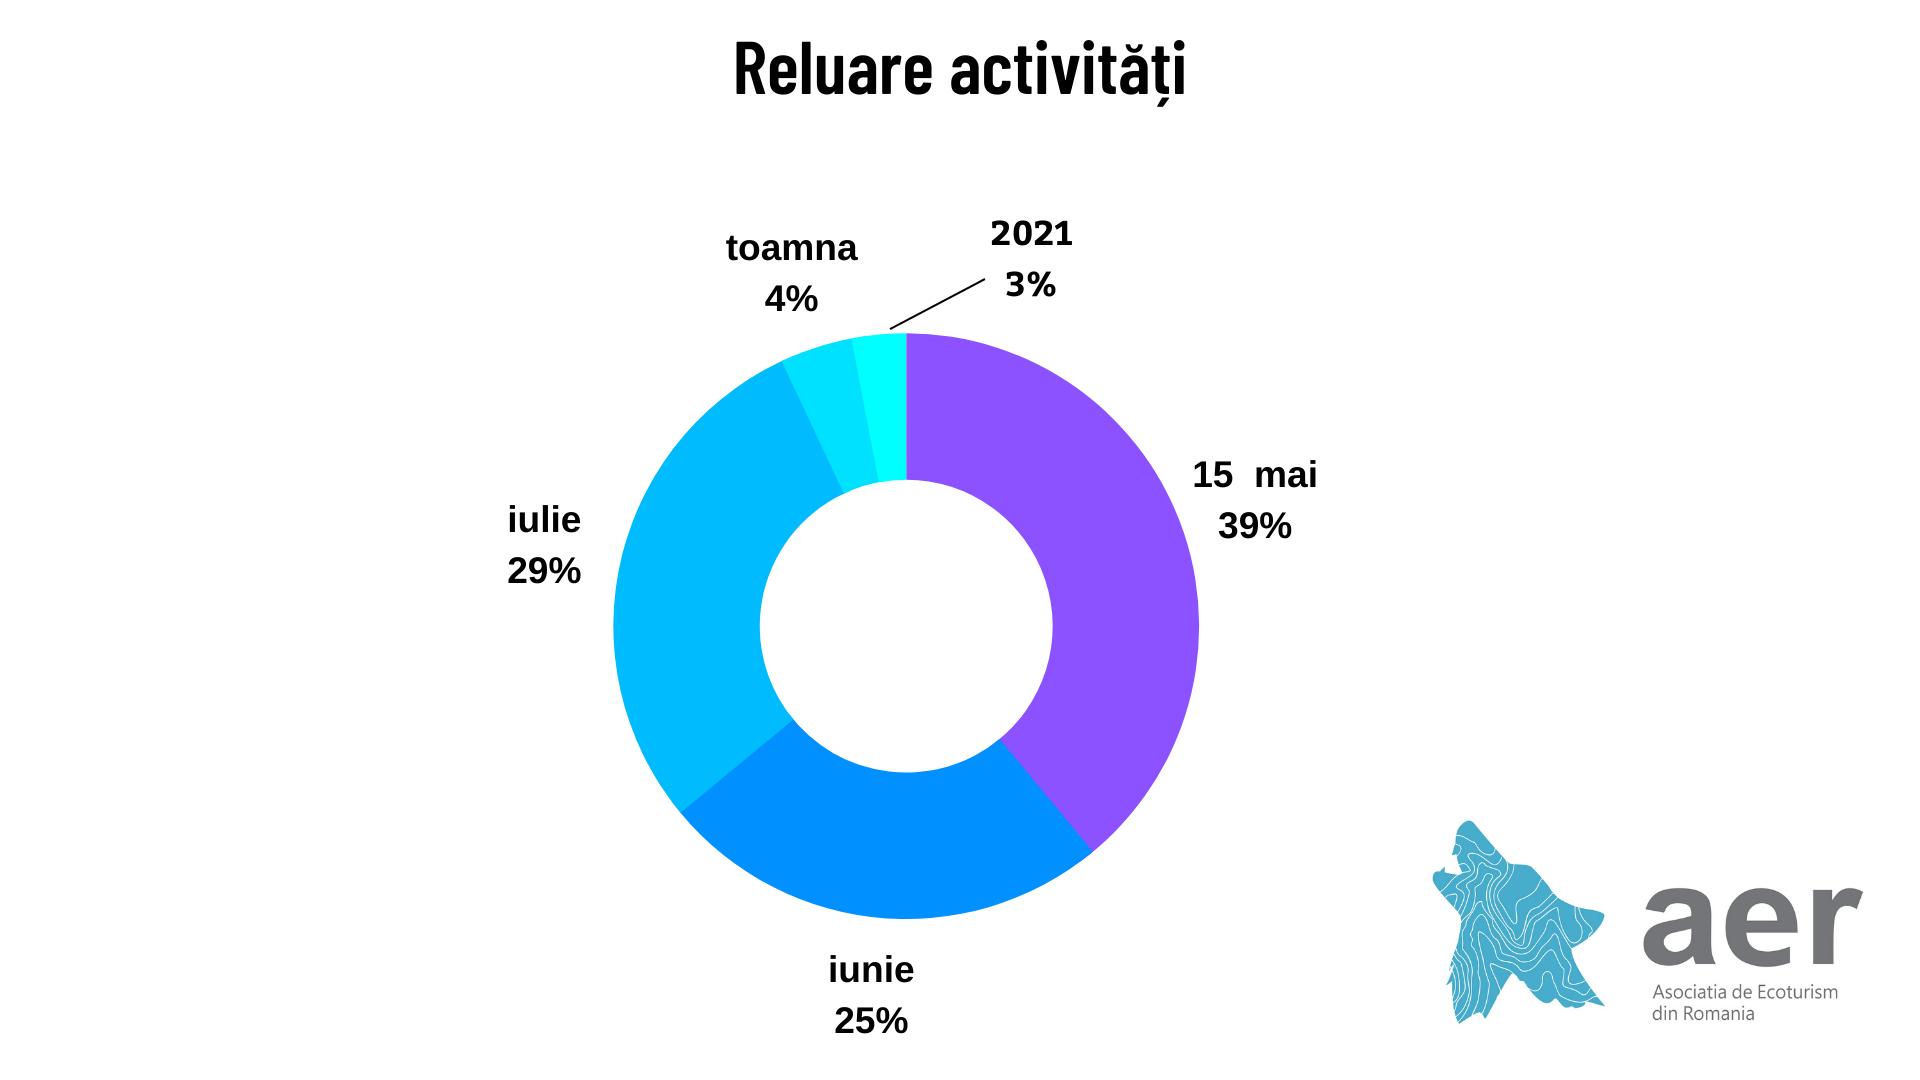 Reluarea activității - Studiu Asociația de Ecoturism din România